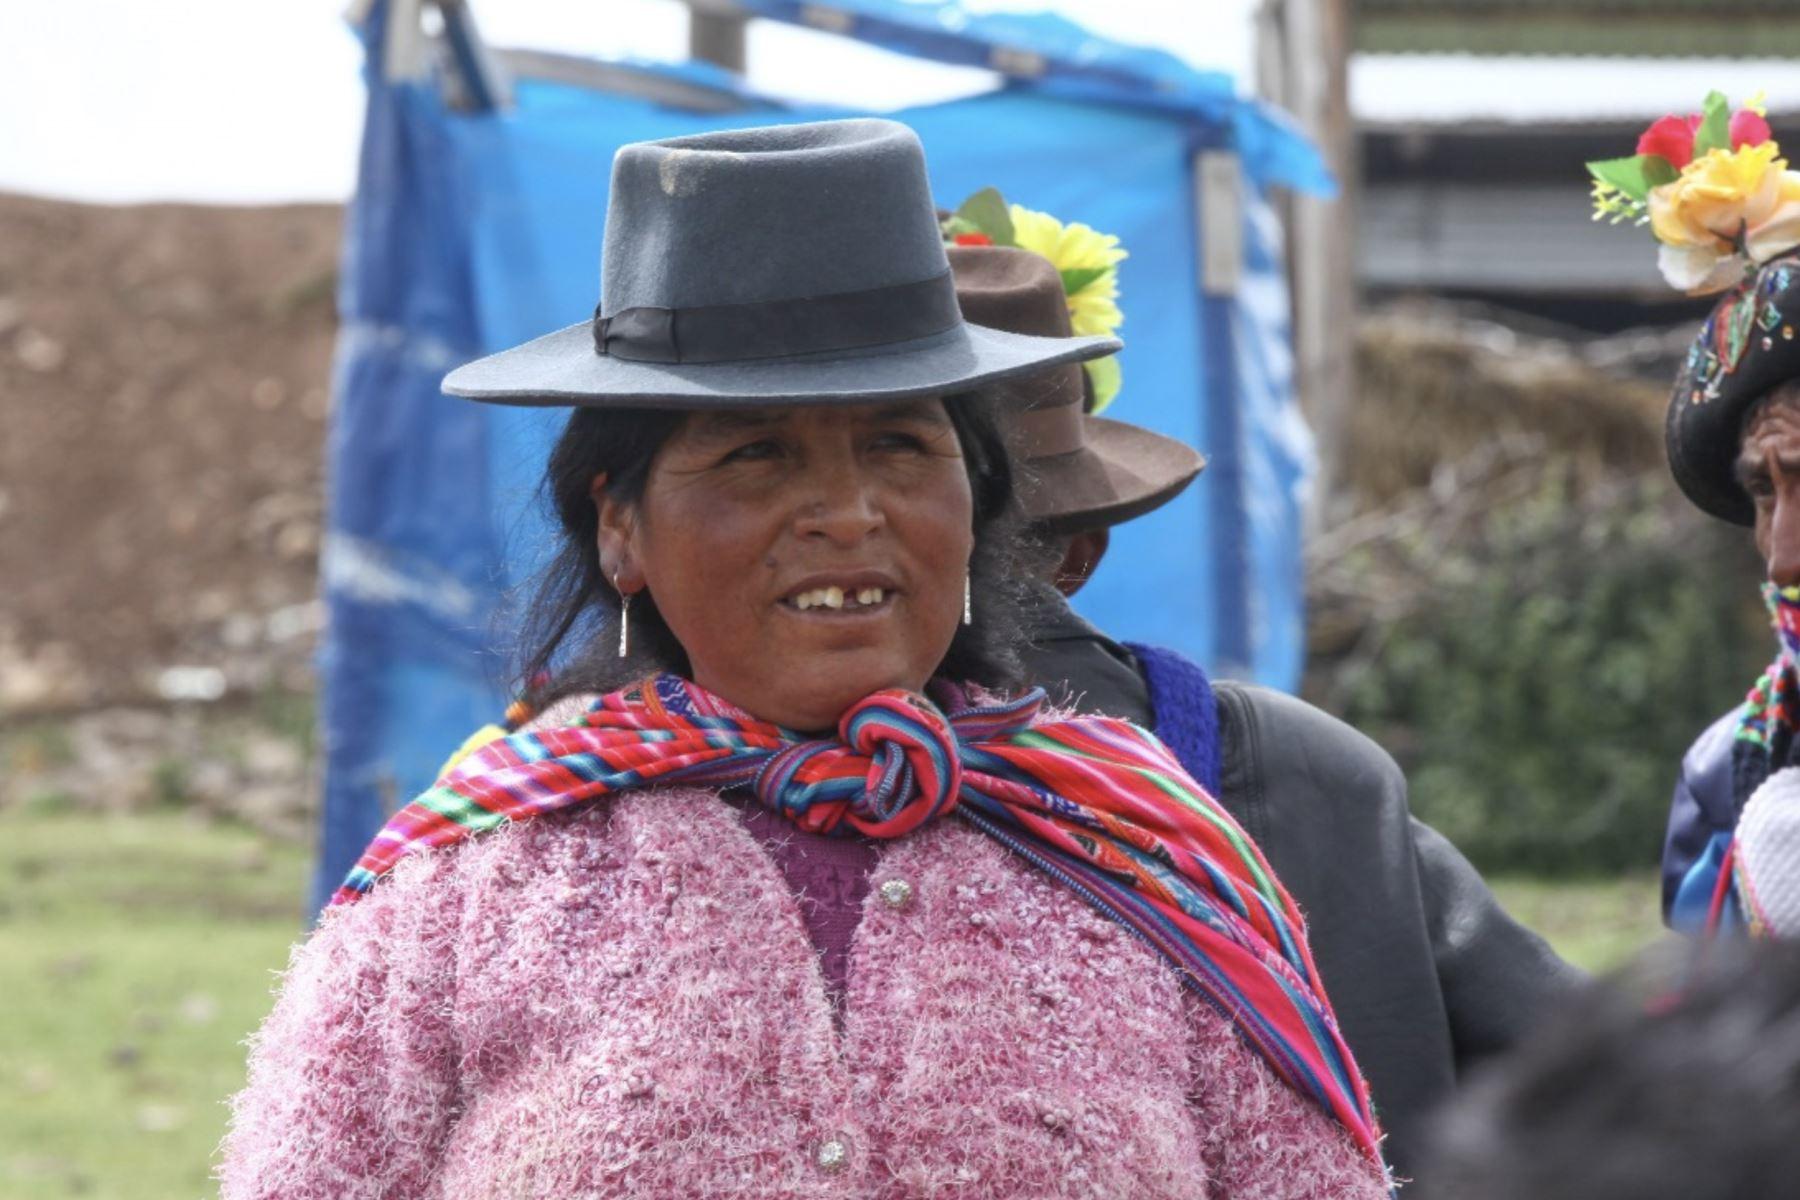 El presidente del Consejo, Vicente Zeballos llegan al  centro poblado Hornobamba para inspeccionar las obras en el proyecto MiAbrigo en el que favorece a las familias en situación de pobreza y pobreza extrema. Foto:Difusión Midis